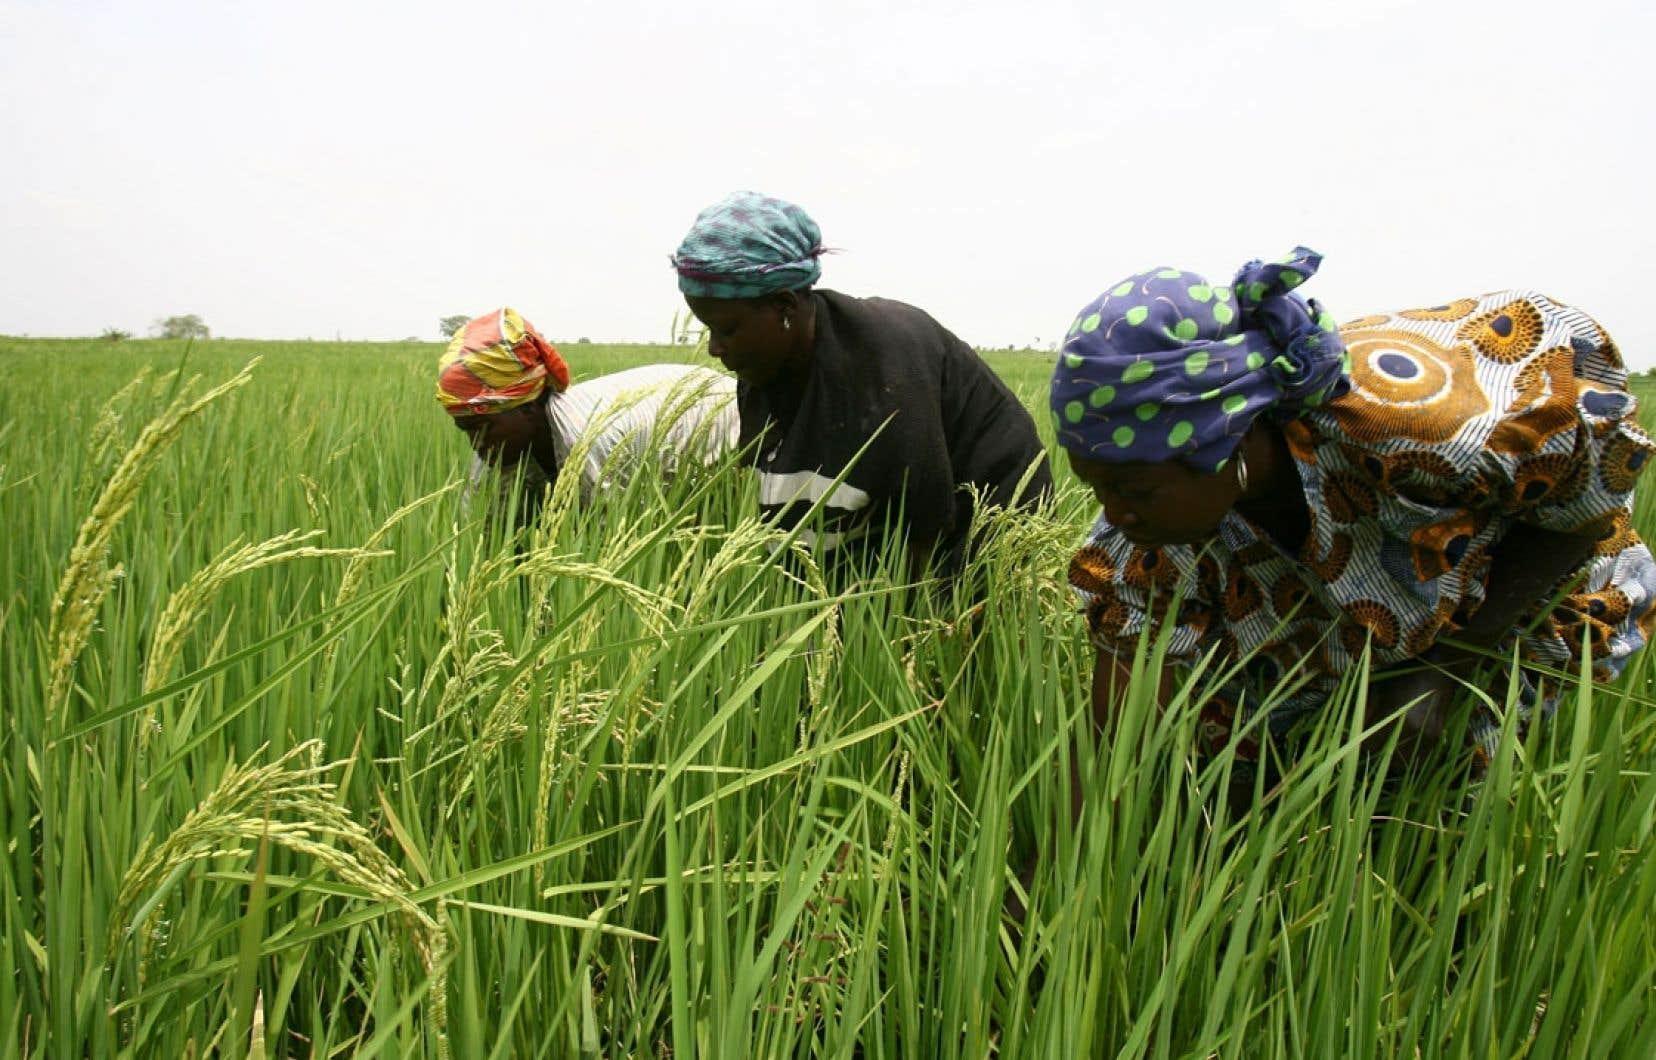 Des Ivoiriennes pendant la récolte de riz. Selon Oxfam, la spéculation alimentaire aurait rapporté 406 millions d'euros à Barclays en 2010. La banque britannique a décidé de se retirer de ce marché.